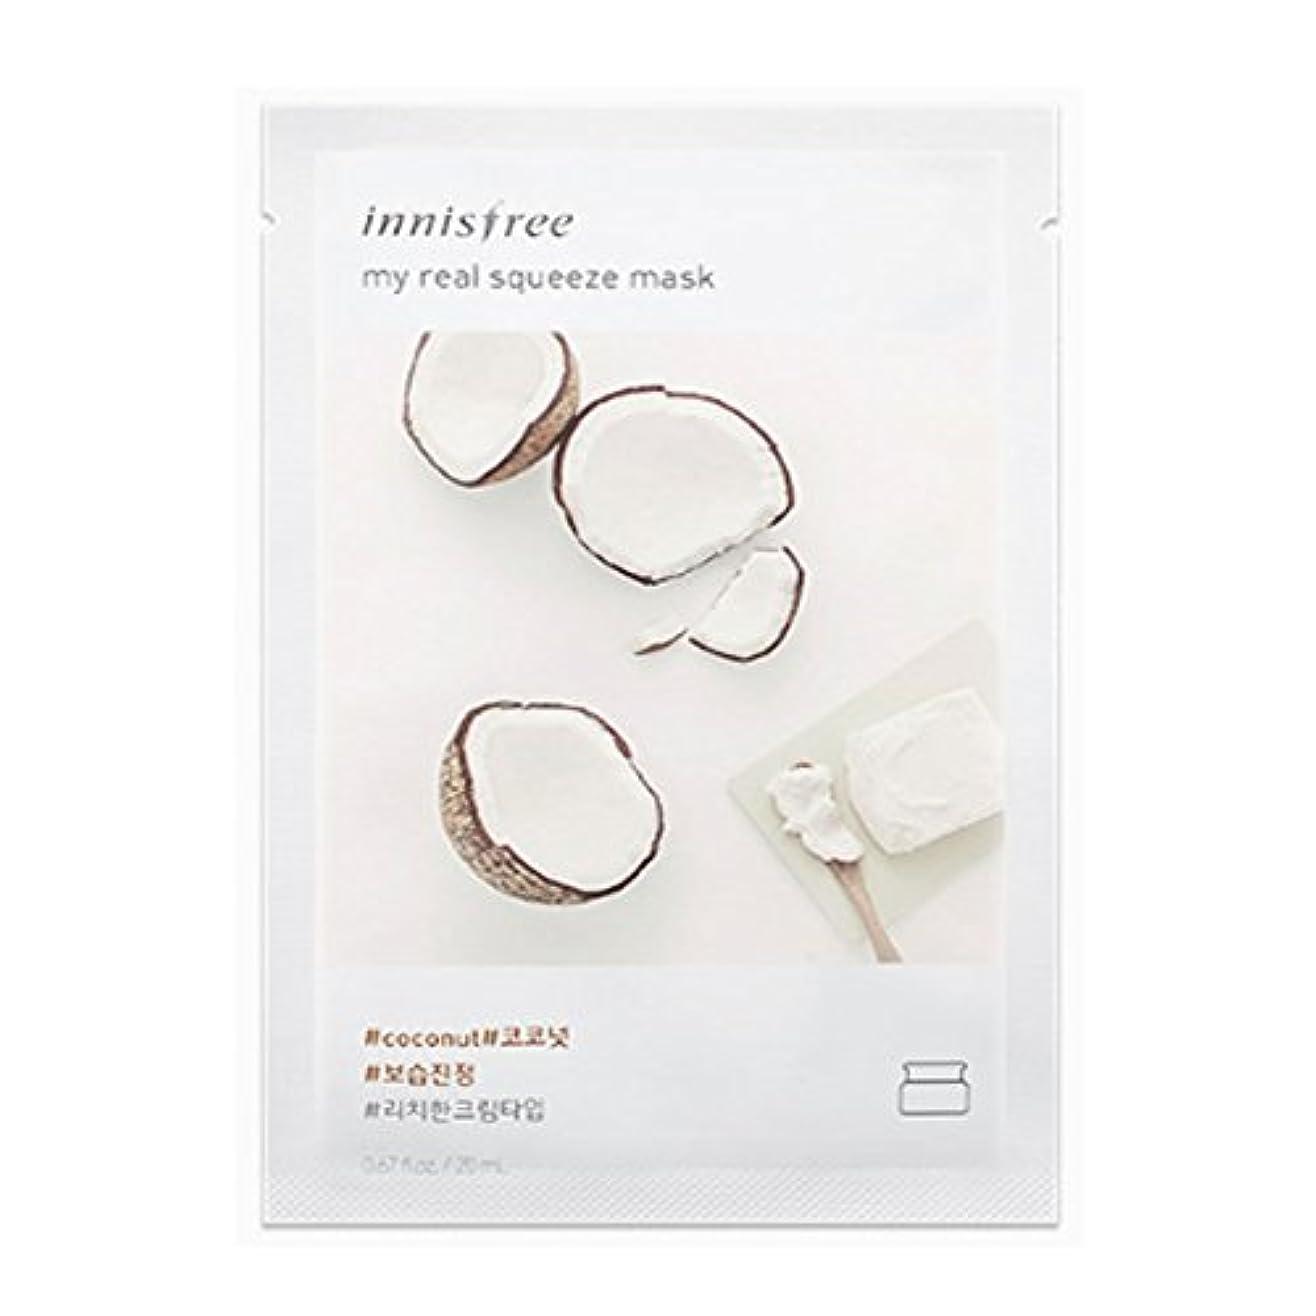 満了重くする無駄イニスフリーダブルフィットリフティングマスク17g + 19g Innisfree Double Fit Lifting Mask 17g+19g [海外直送品][並行輸入品] (#1-Elastic moisturizing)